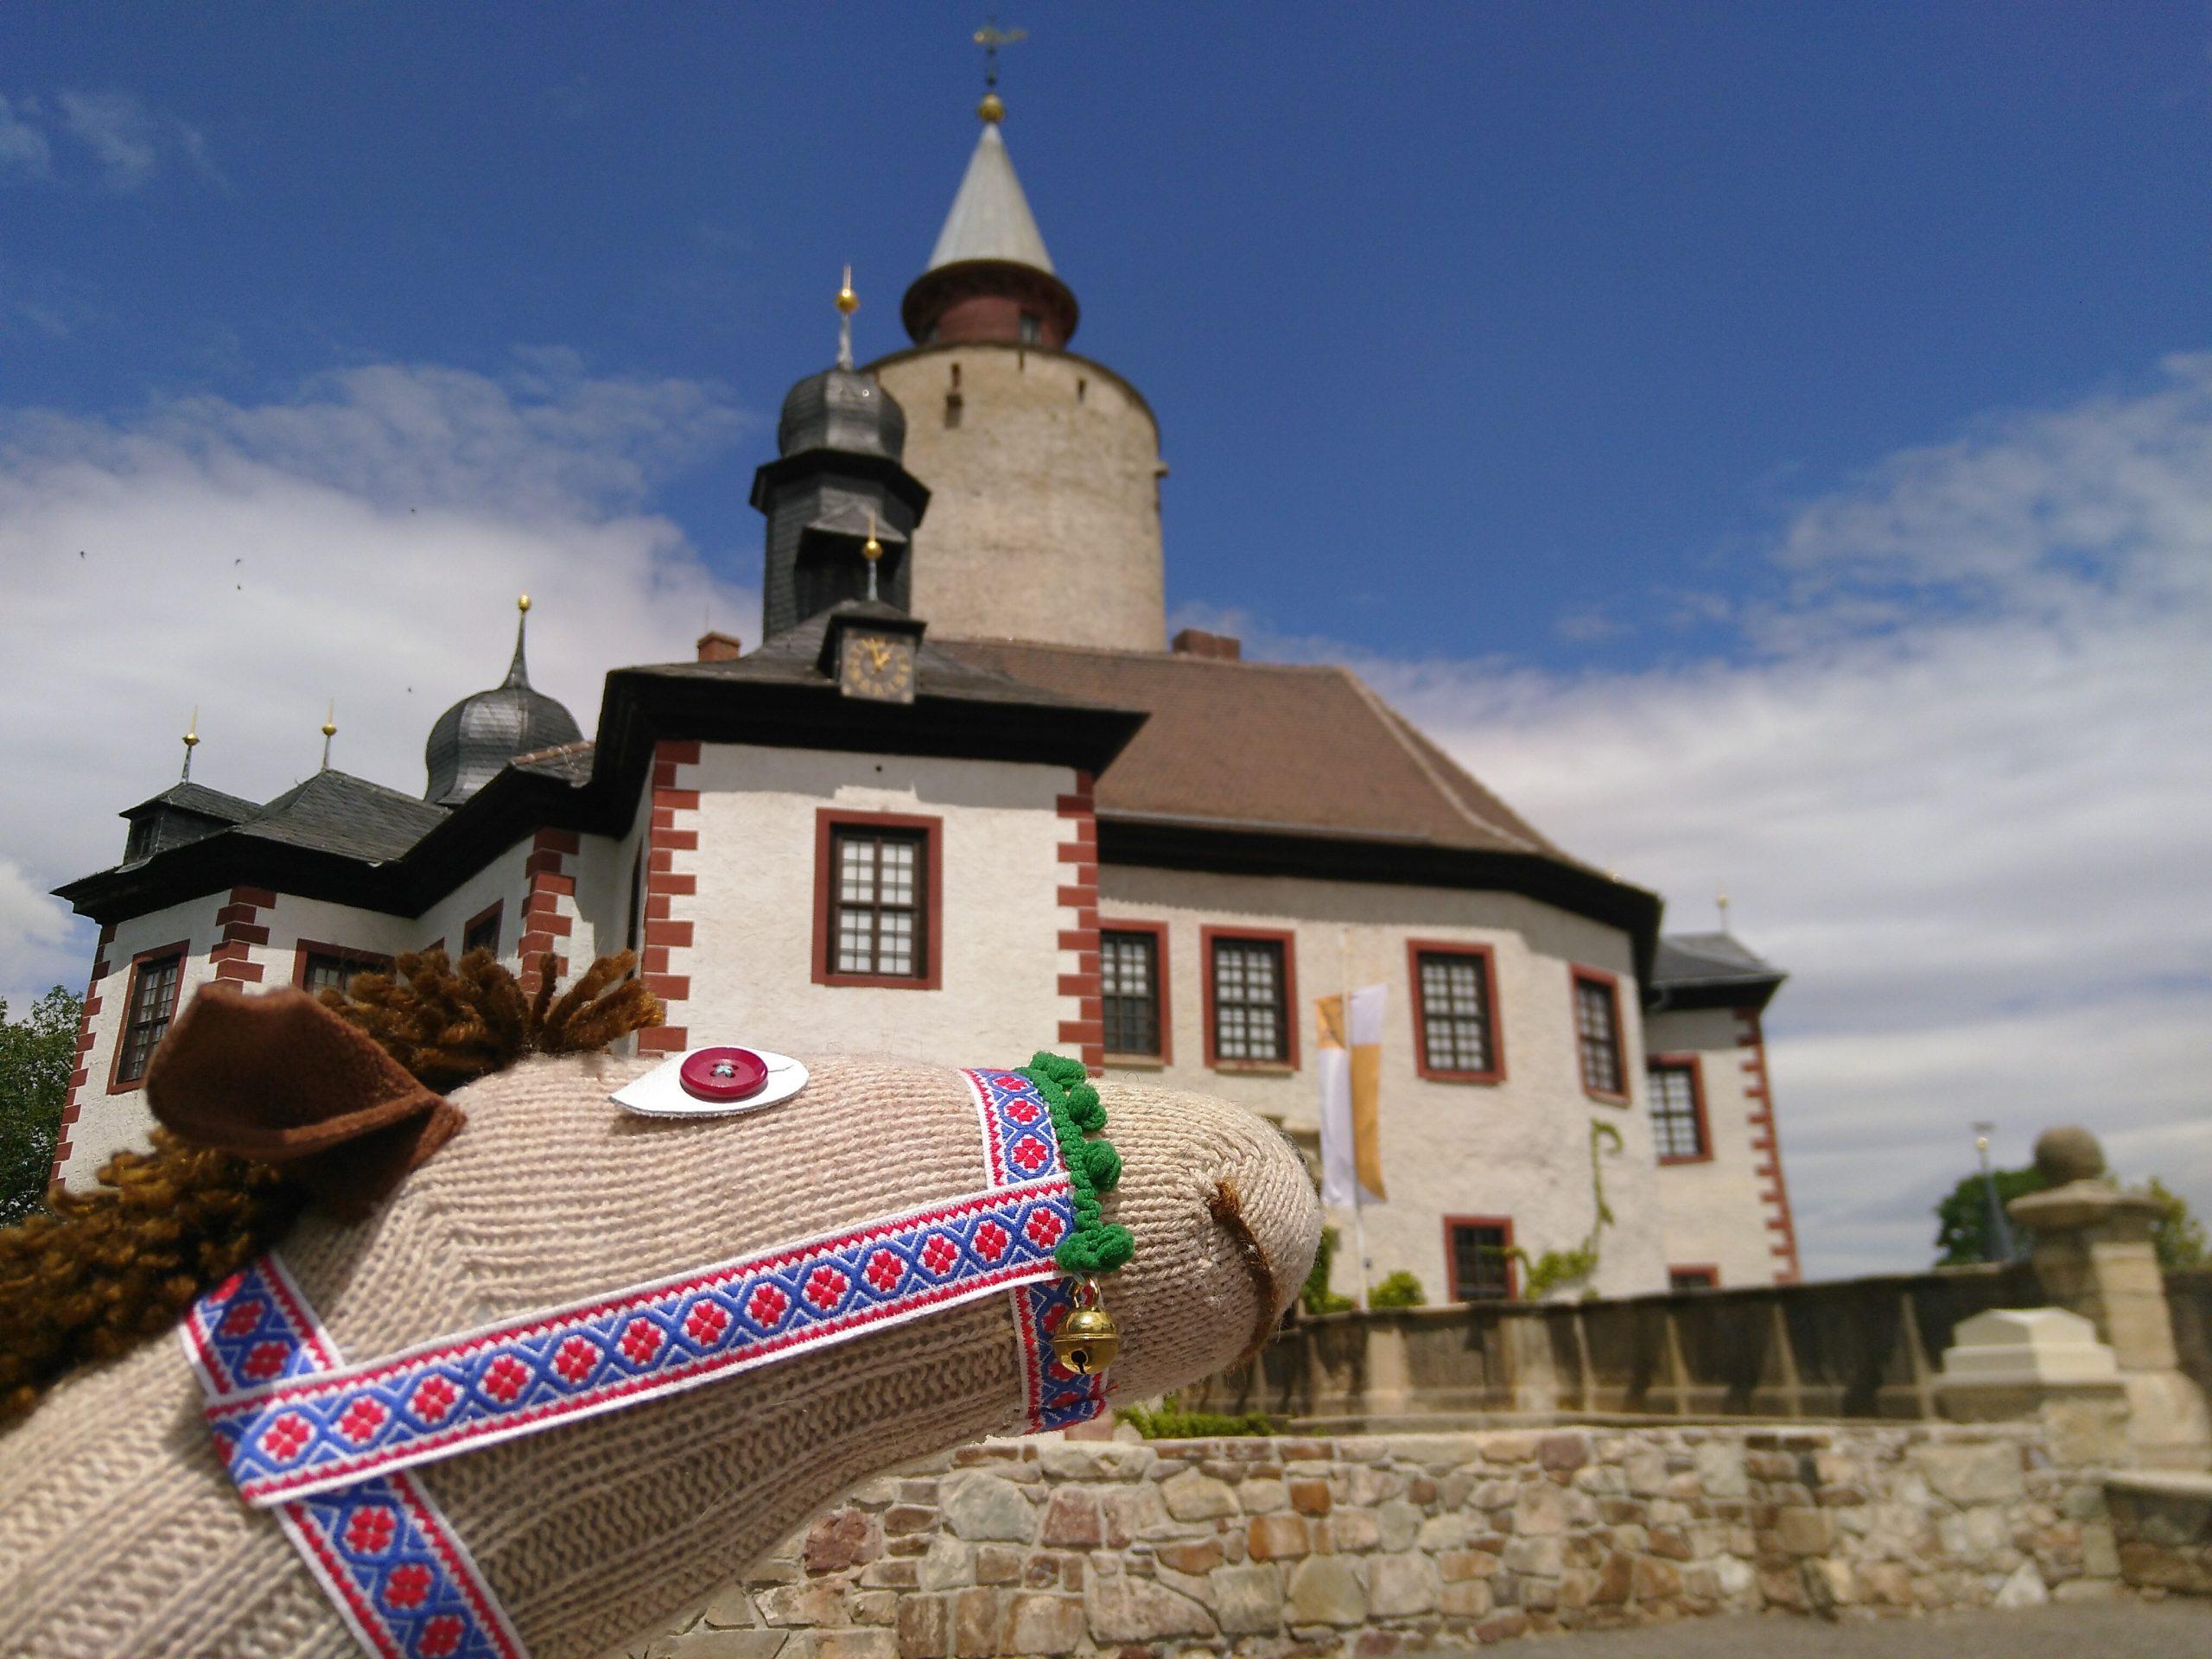 2. Großes Steckenpferd-Turnier auf Burg Posterstein - Familien für Familien